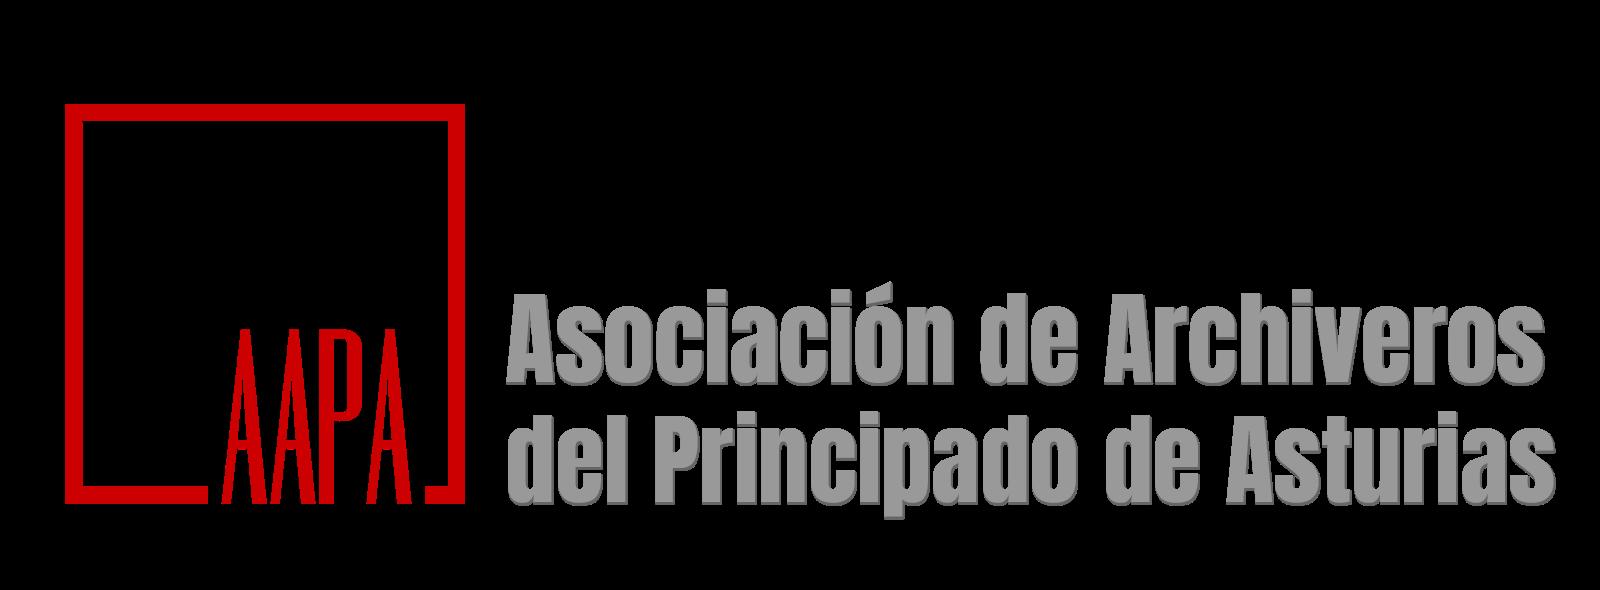 AAPA - Archiveros de Asturias